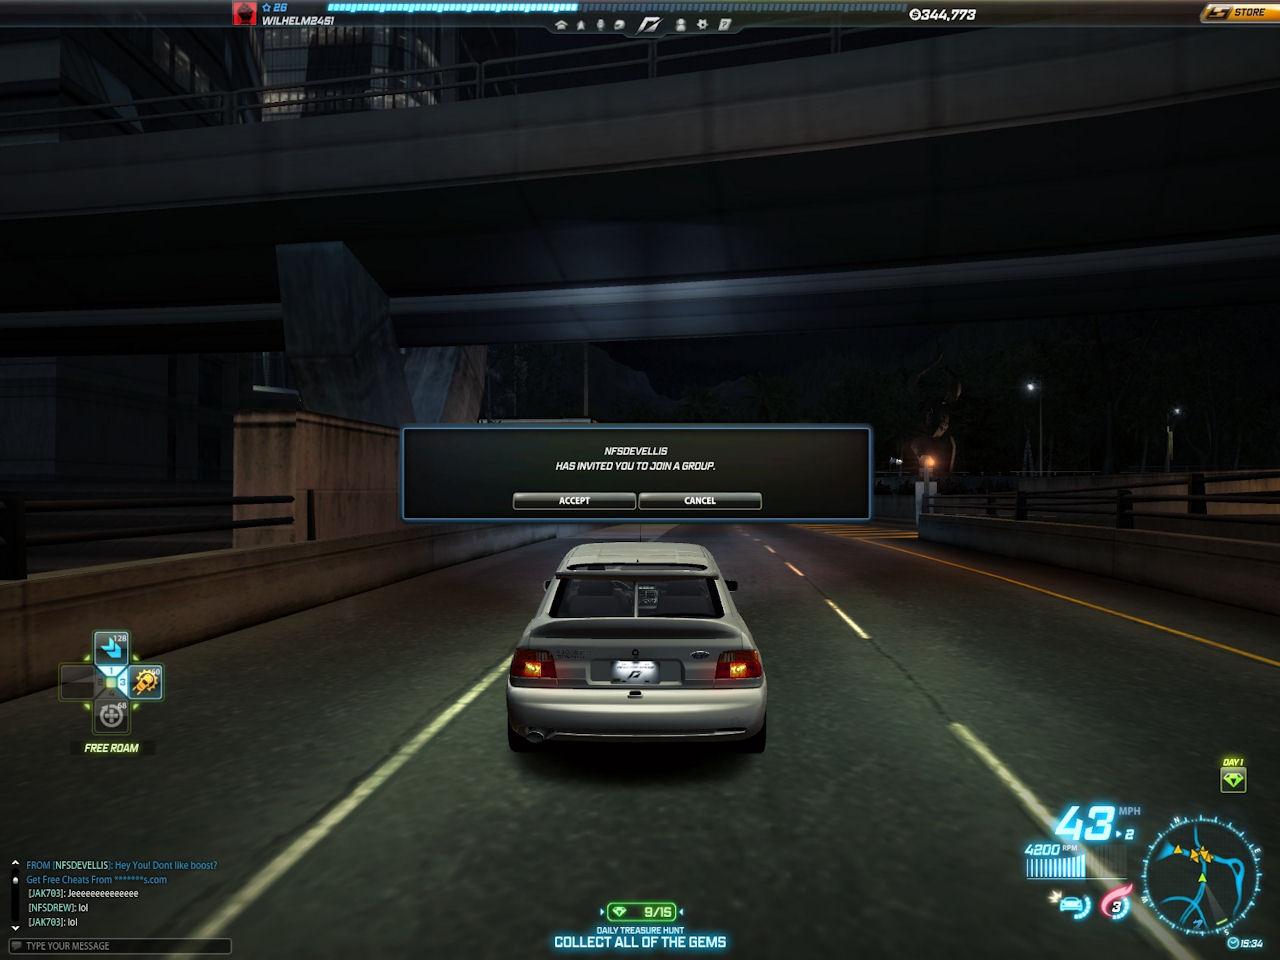 Для ценителей и знатоков автомобилей - need for speed underground 2 mod